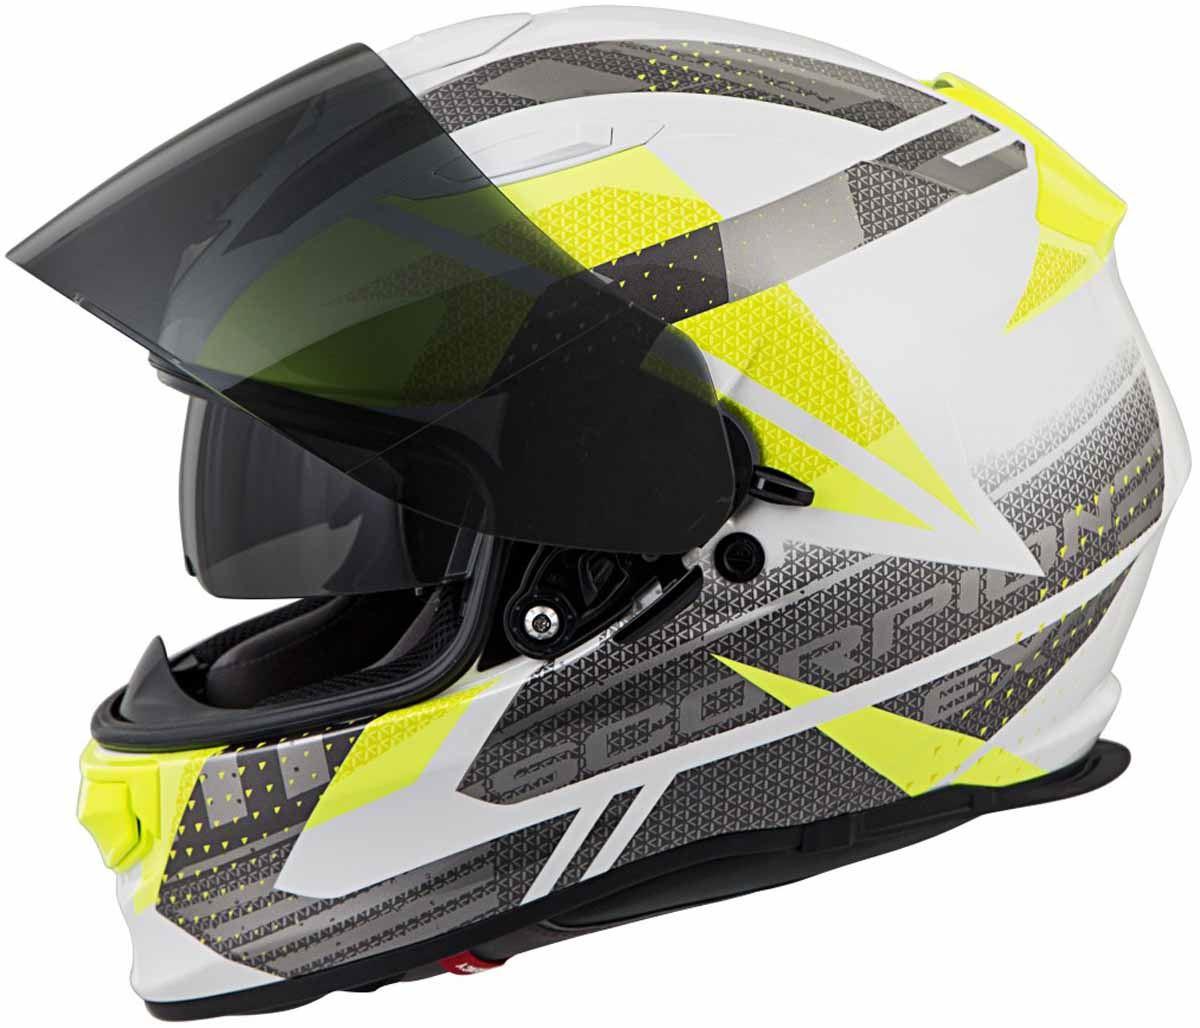 Scorpion-EXO-T510-Helmet-Full-Face-DOT-Approved-Inner-Sun-Shield miniature 76